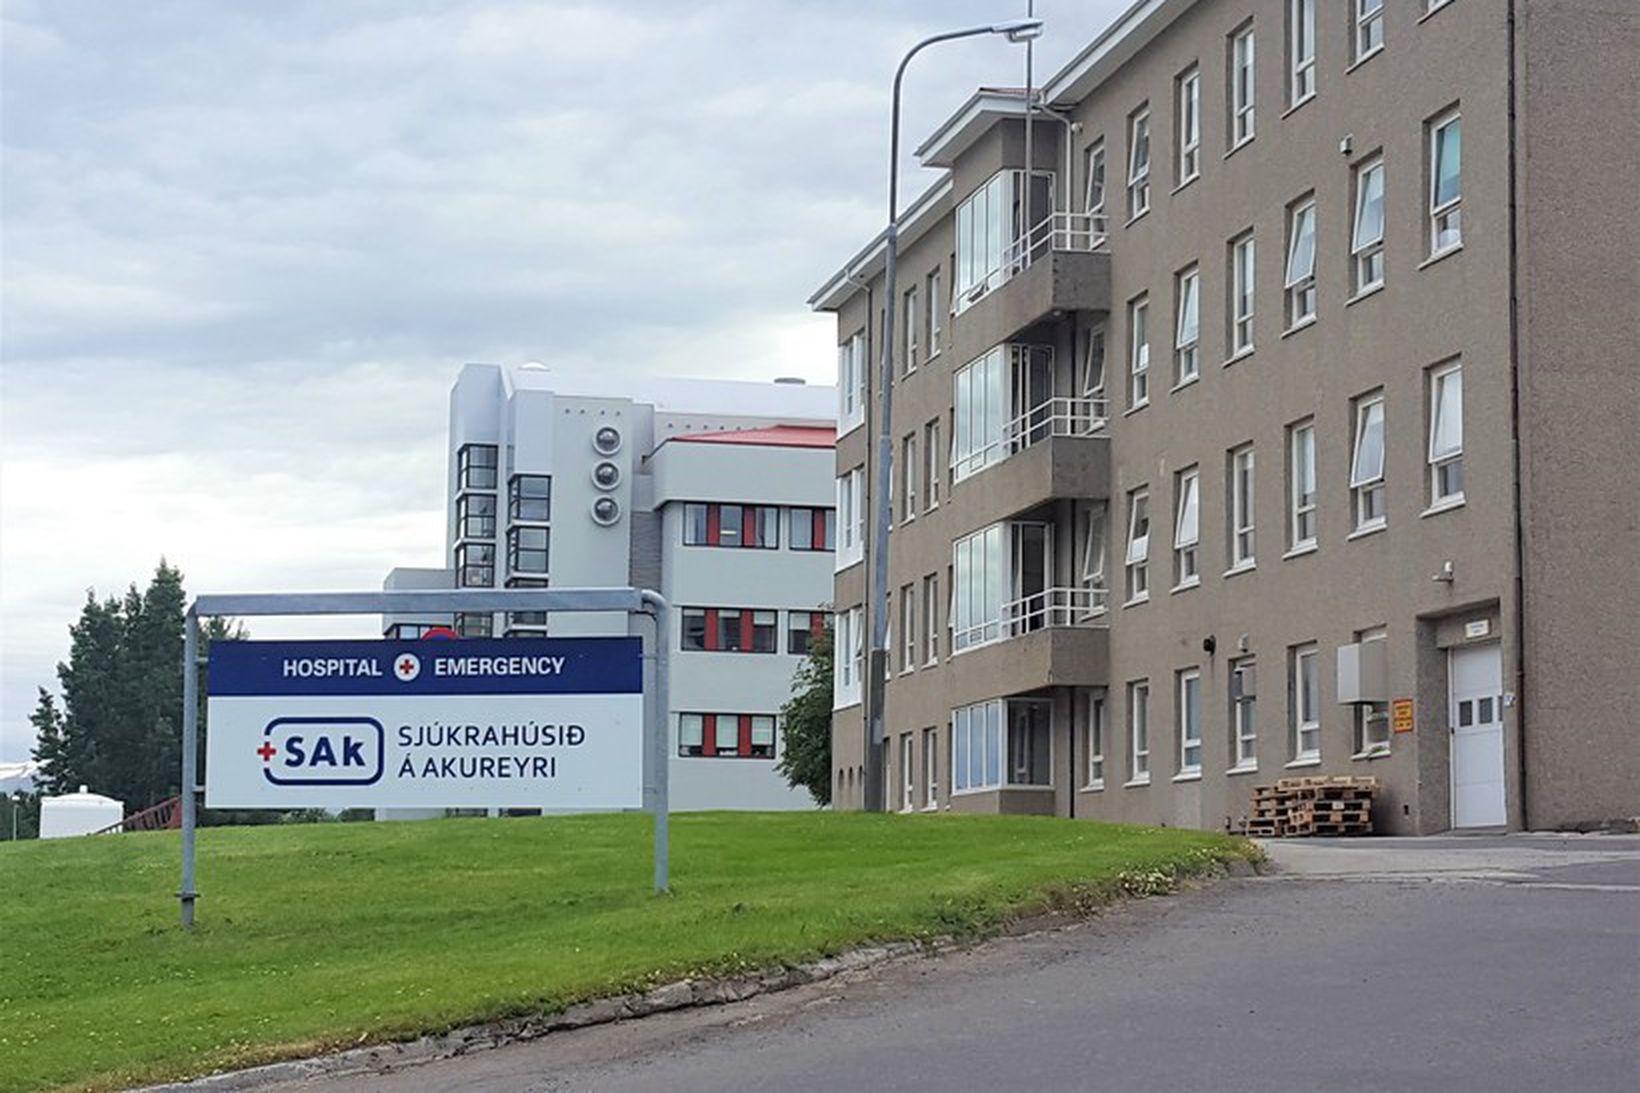 Tíu kínversku ferðamannanna voru fluttir á Sjúkrahúsið á Akureyri. Sex …